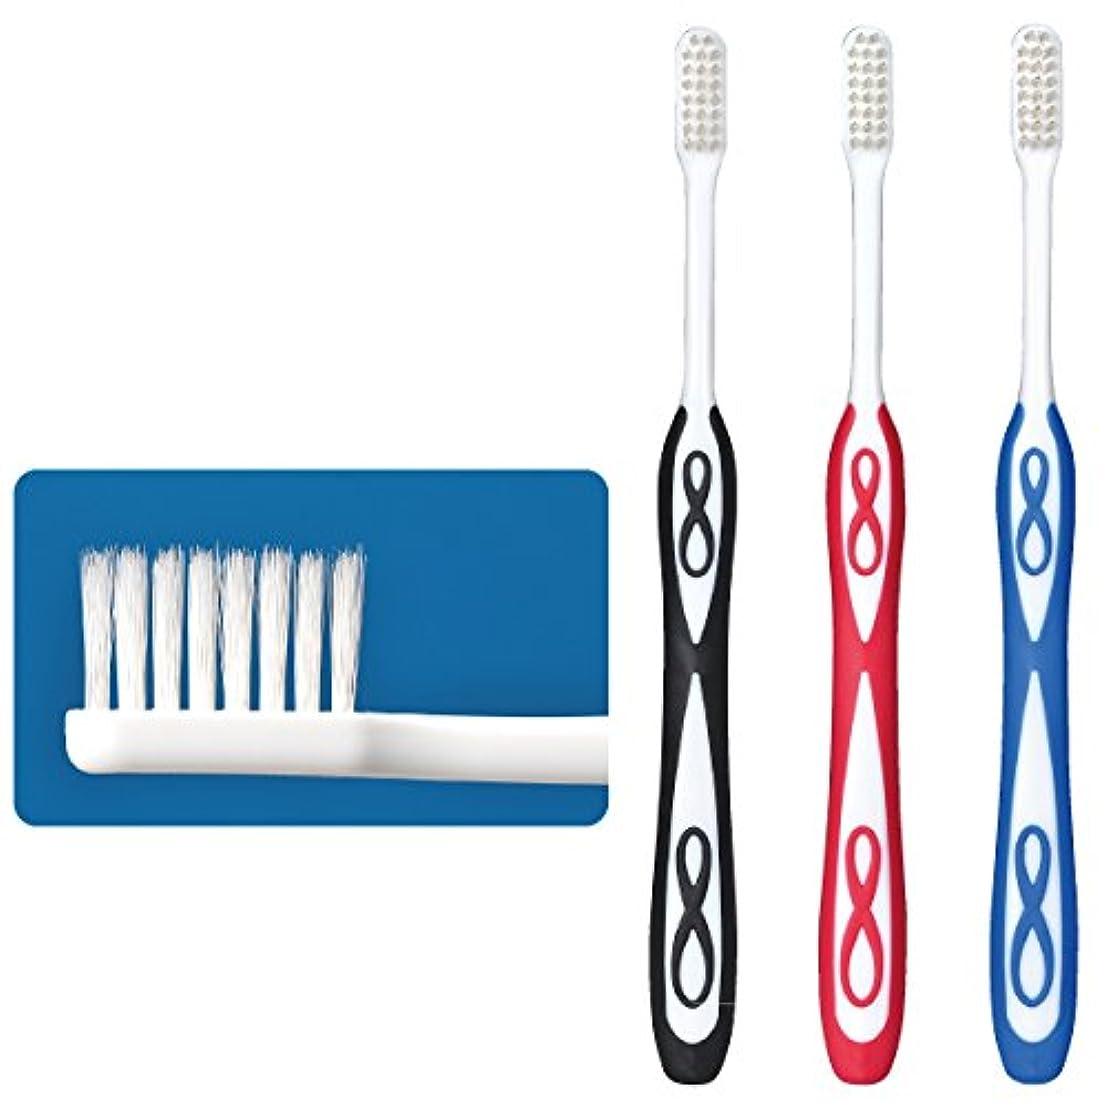 慈悲深い過剰受け取るLover8(ラバーエイト)歯ブラシ レギュラータイプ オールテーパー毛 Mふつう 3本入